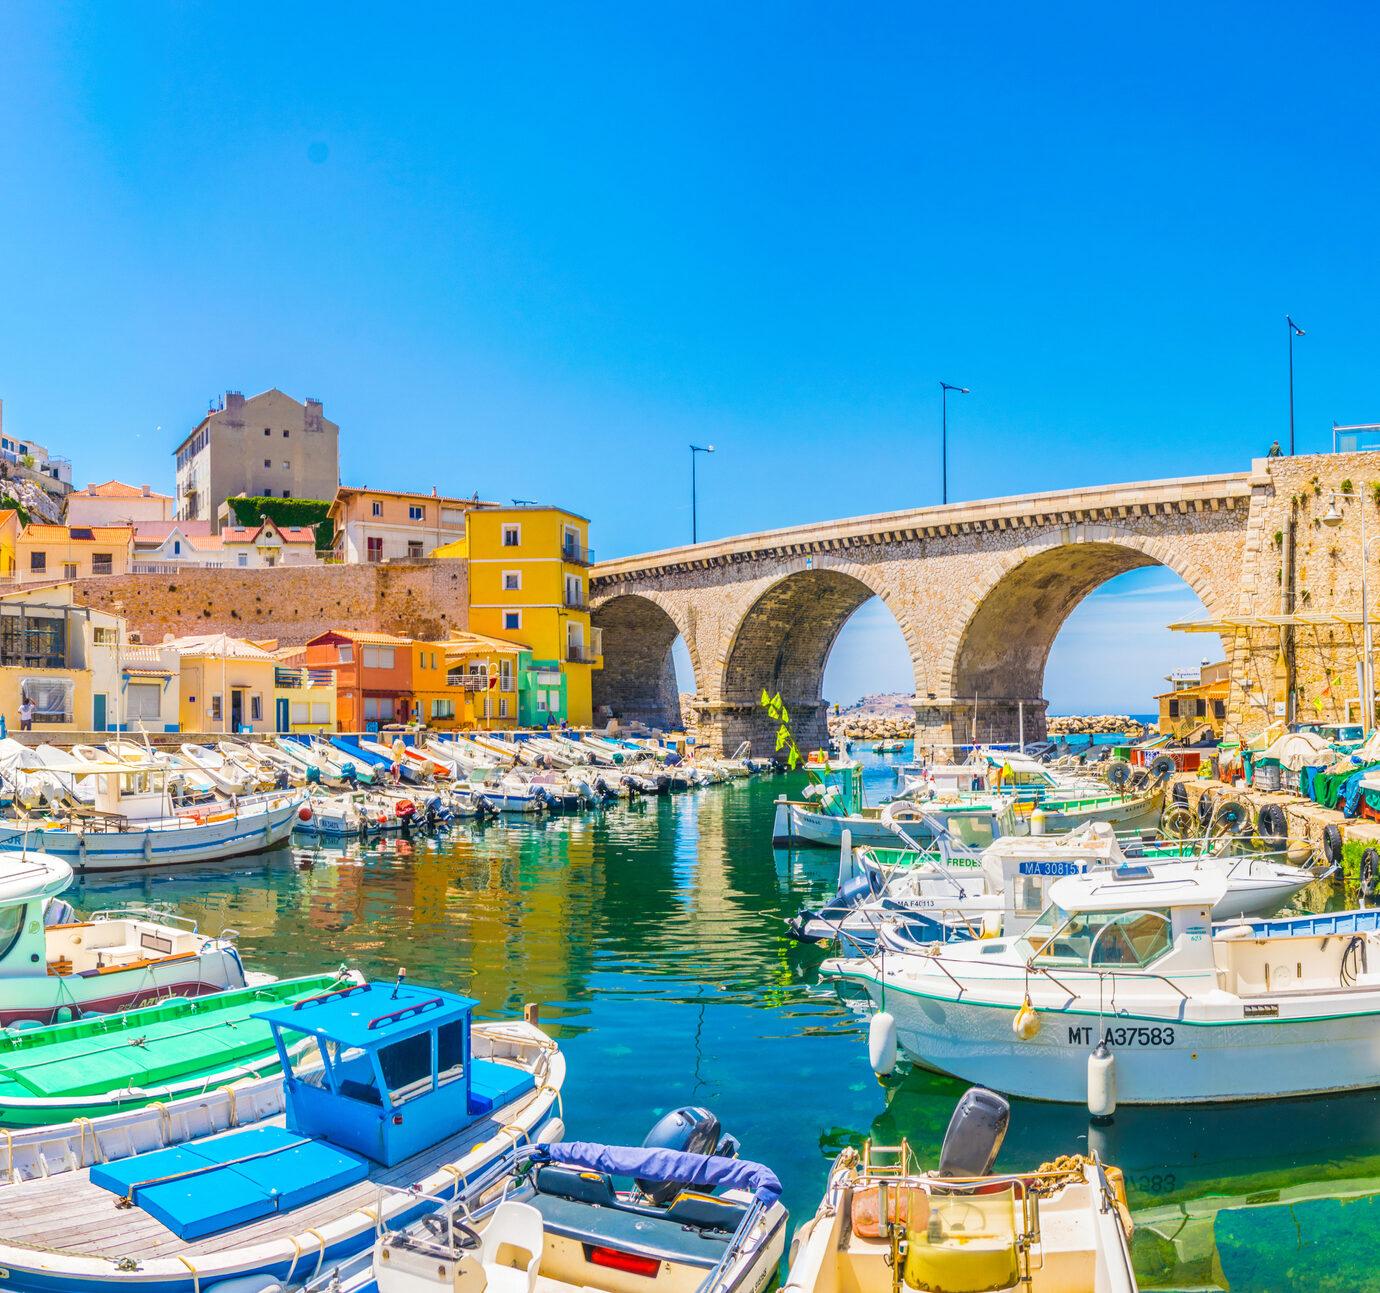 Vallon des Auffes port in Marseille, France